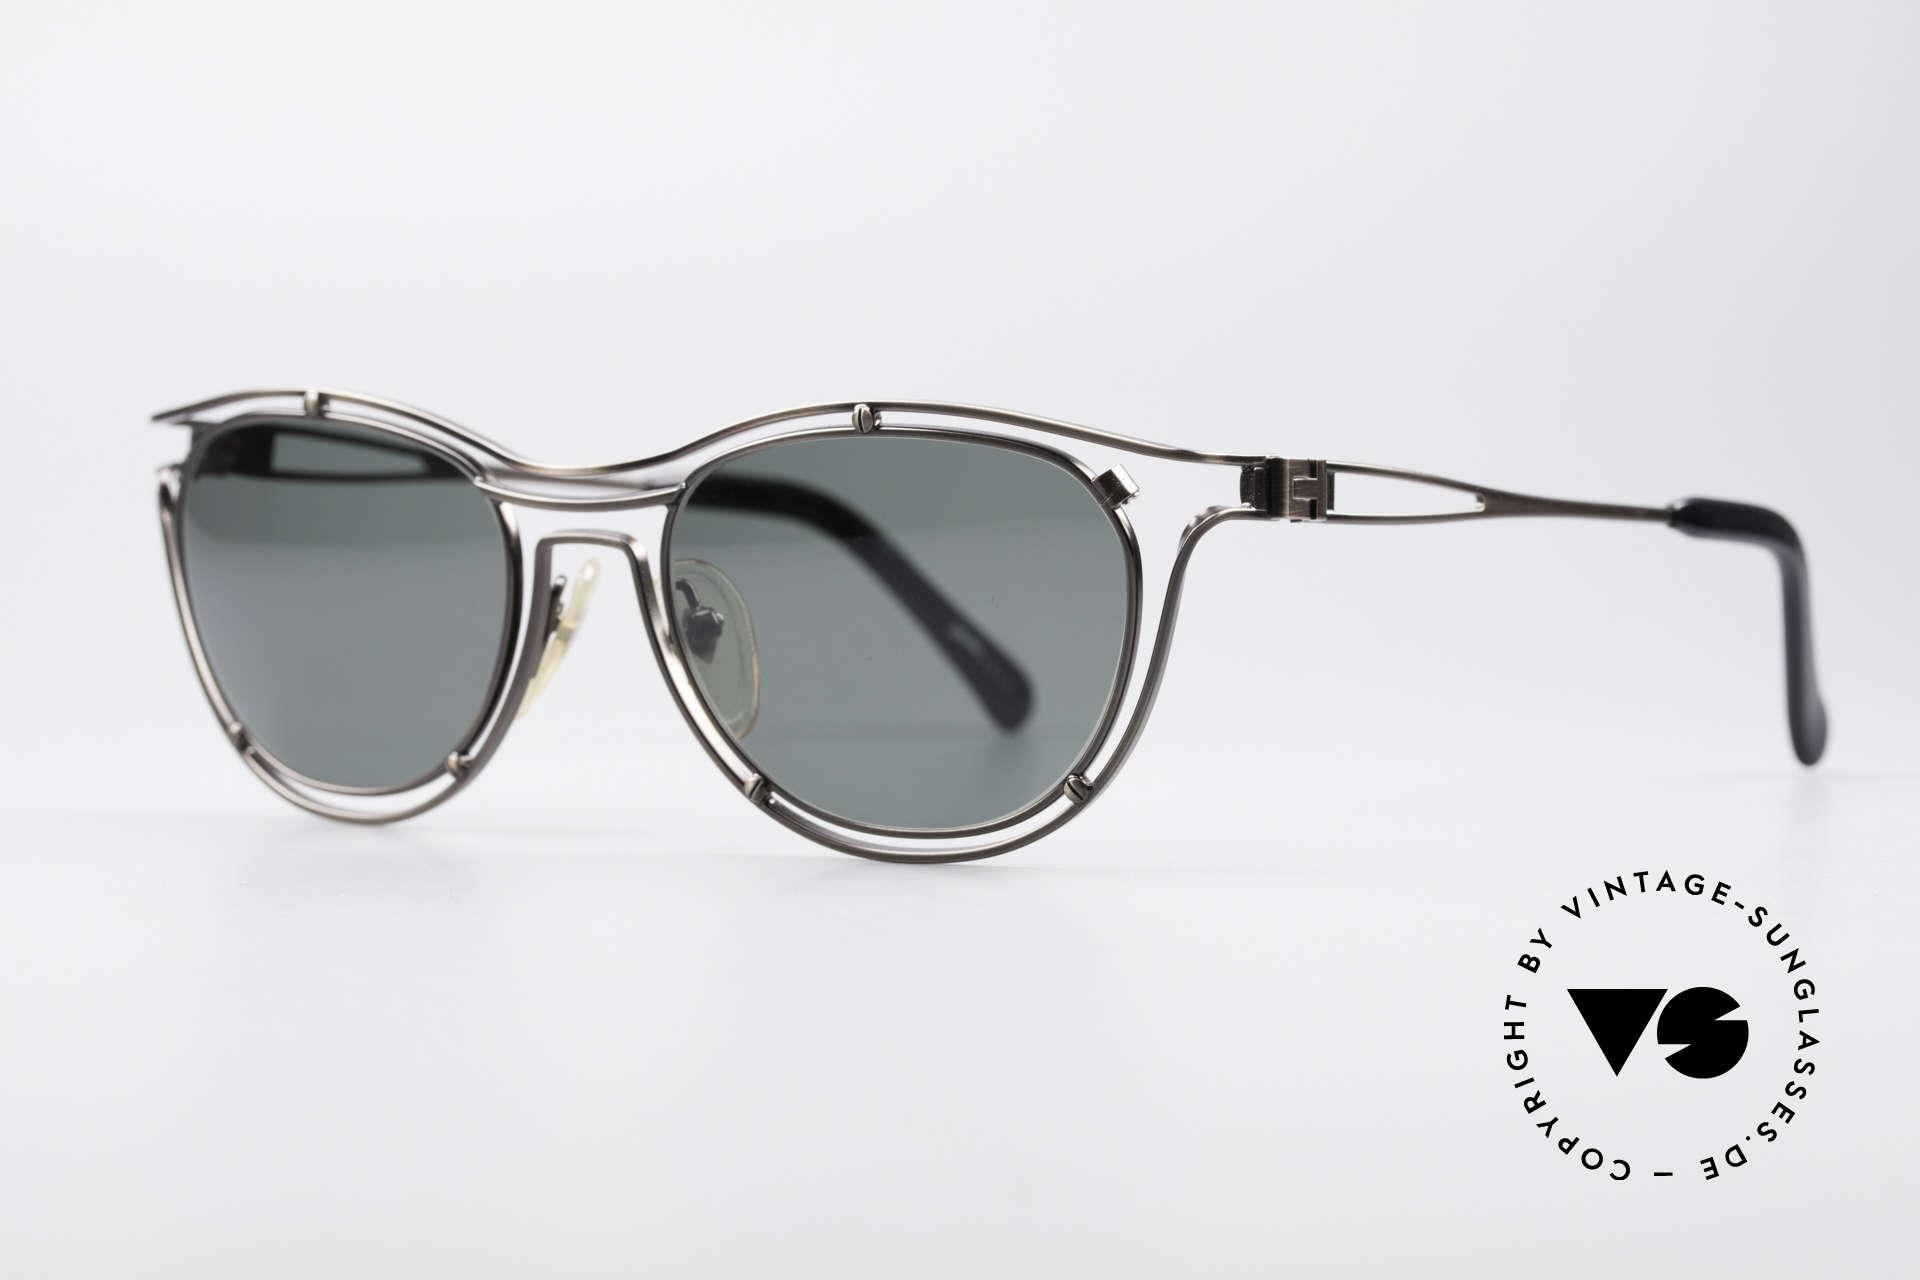 Jean Paul Gaultier 56-2176 Rare Designer Sonnenbrille, gunmetal-Glanz und dunkelgrüne Gläser; 100% UV, Passend für Herren und Damen